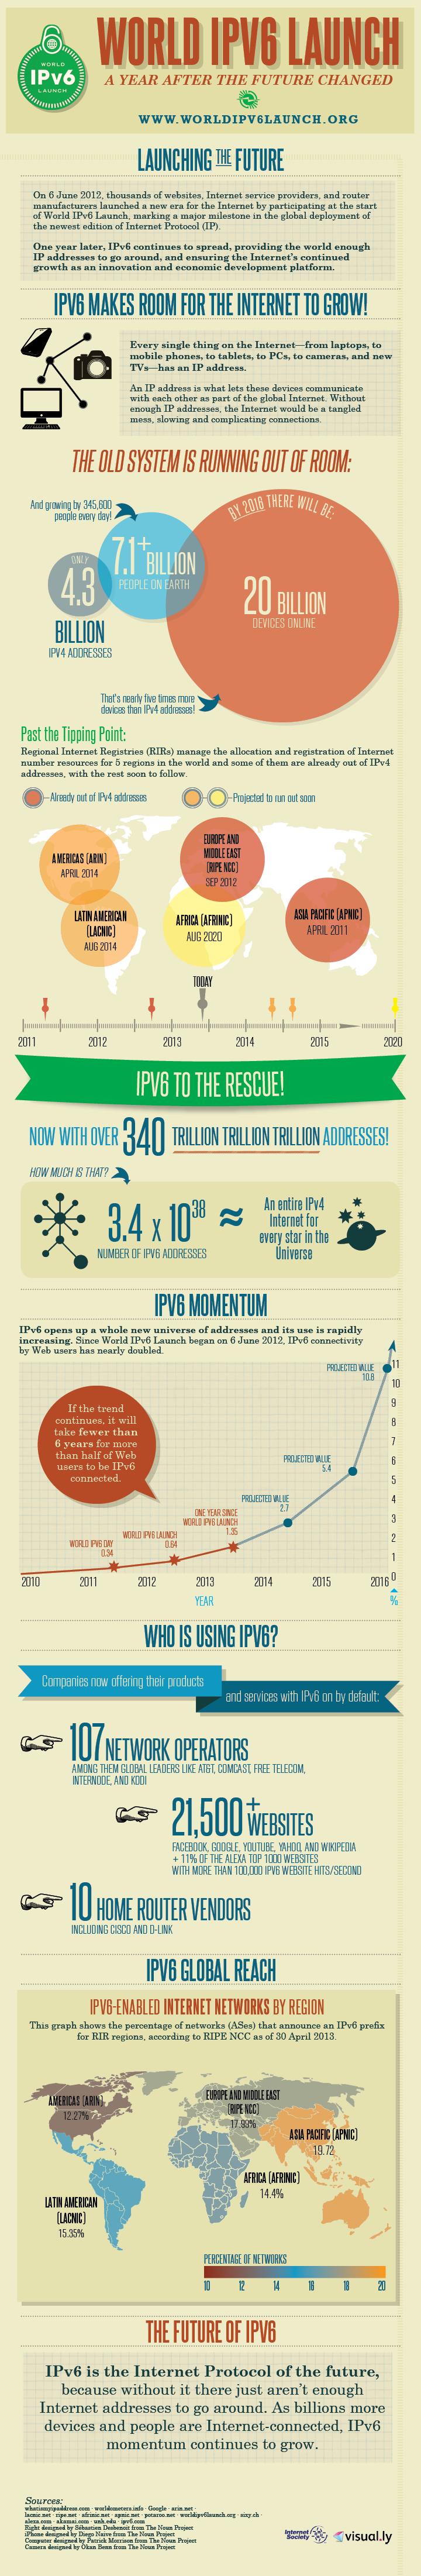 ipv6-launchiversary